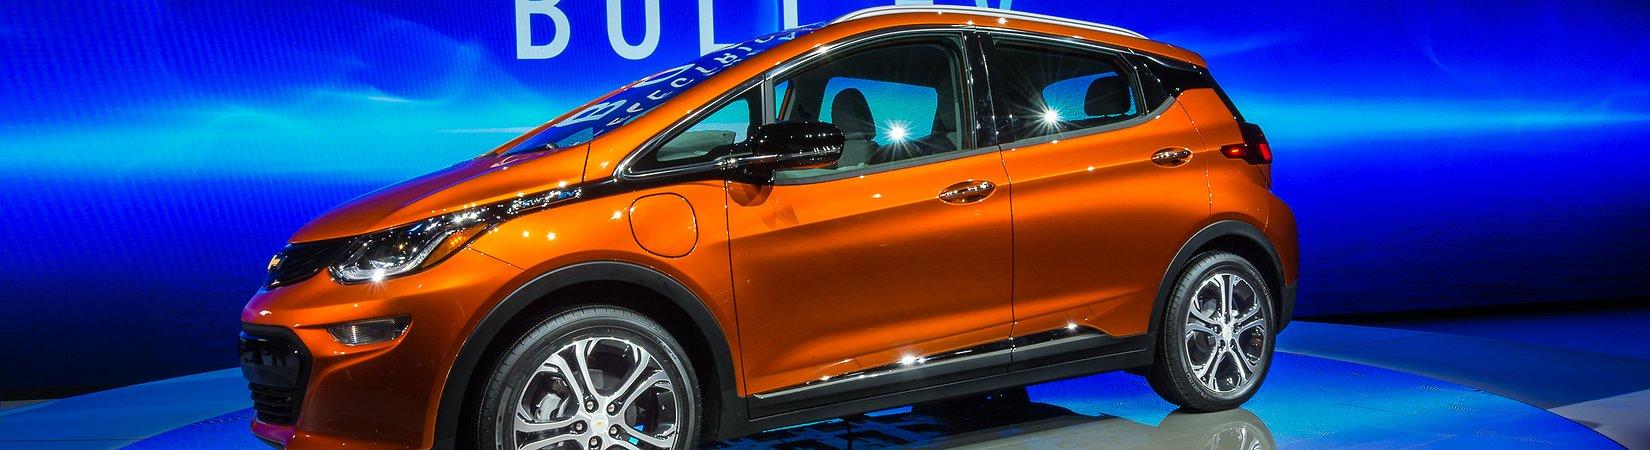 GM lanza su primera serie de vehículos autónomos eléctricos